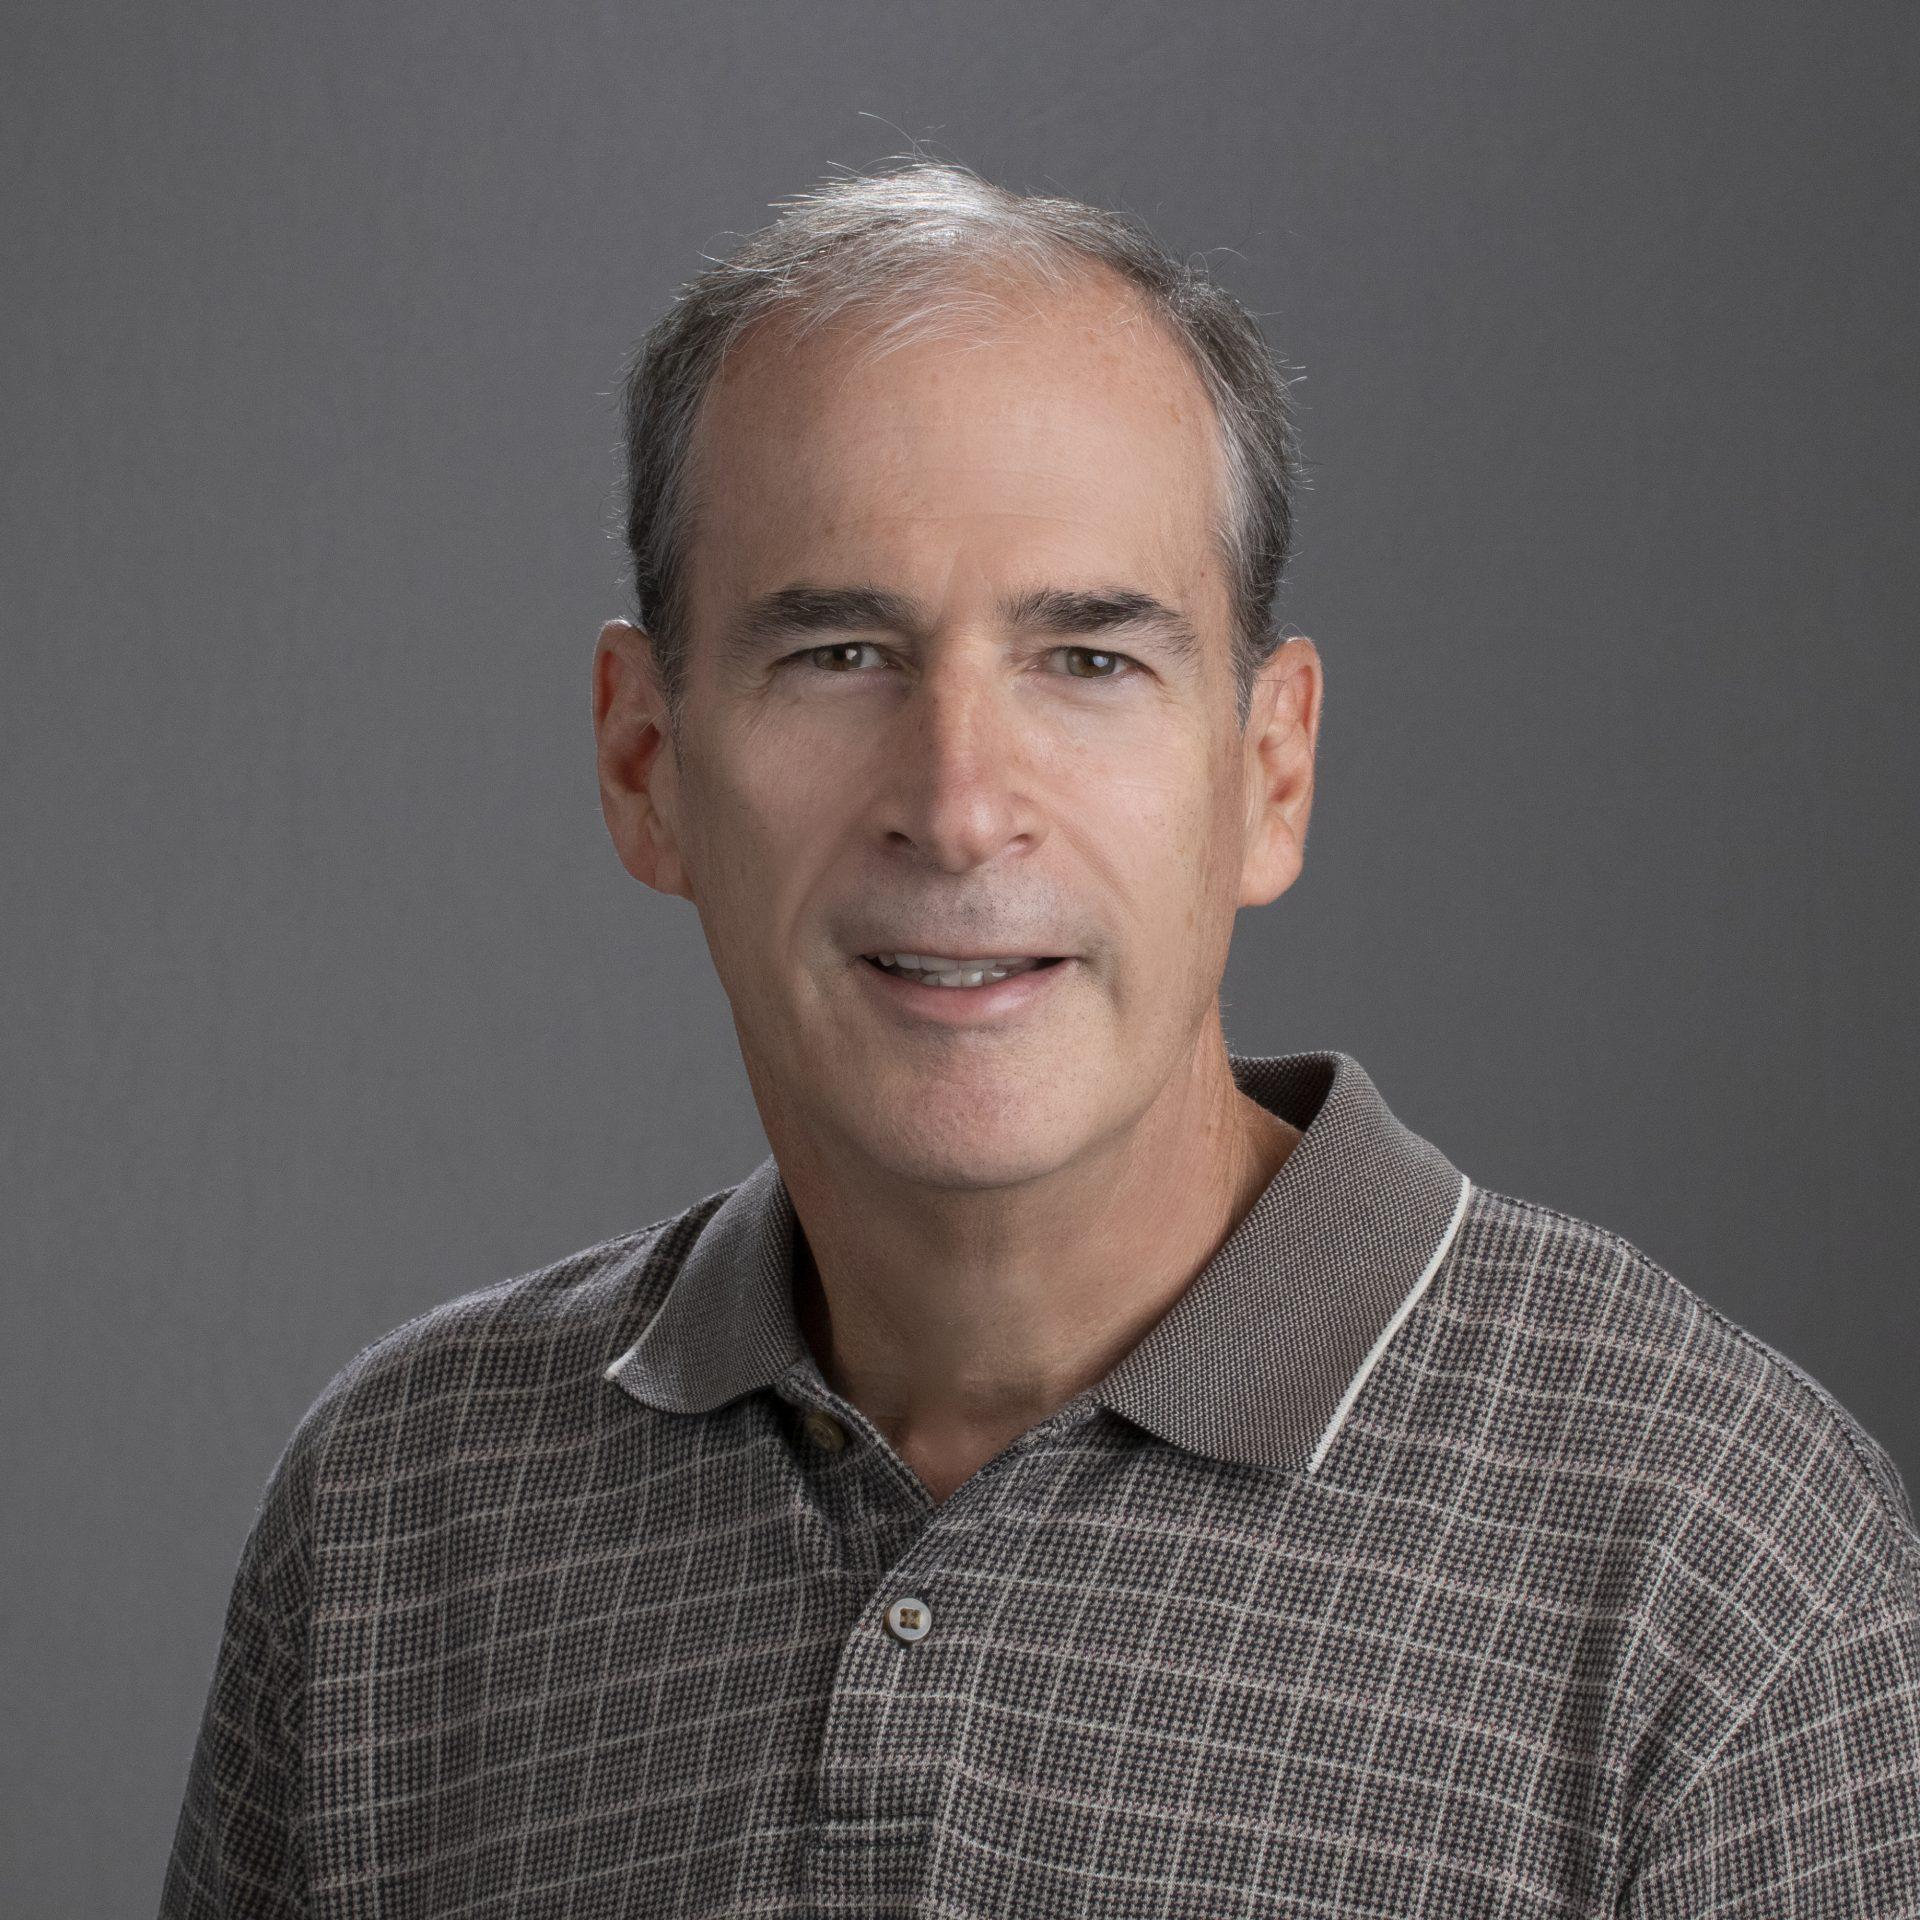 Joe Zavatsky